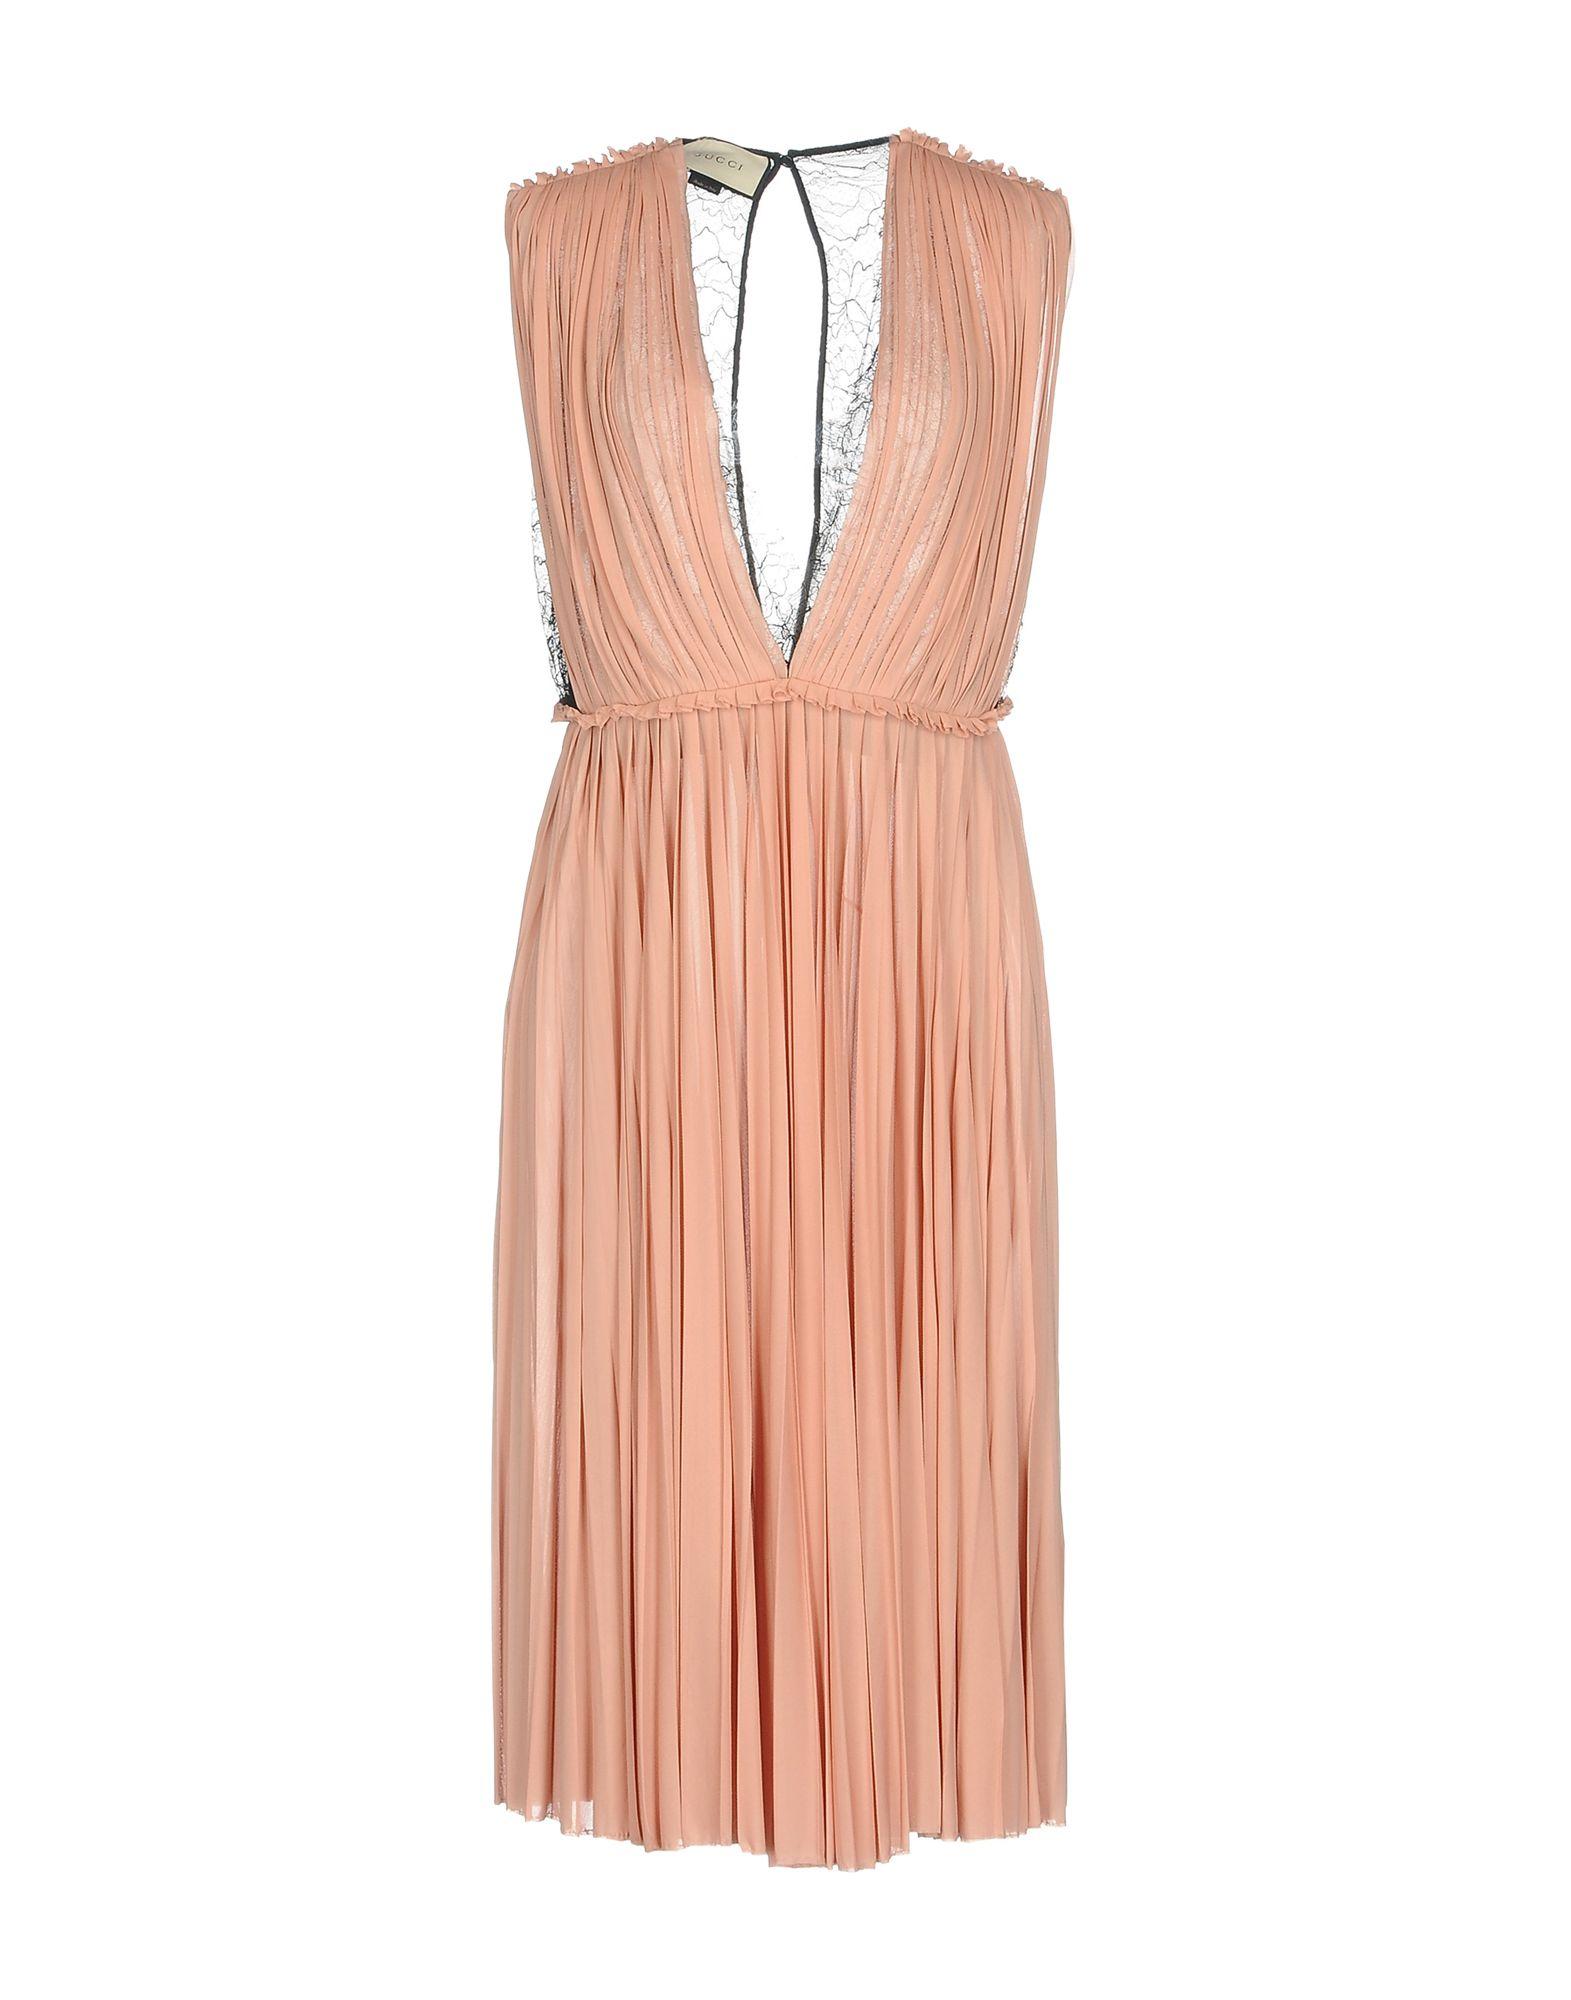 GUCCI Damen Knielanges Kleid Farbe Rosa Größe 6